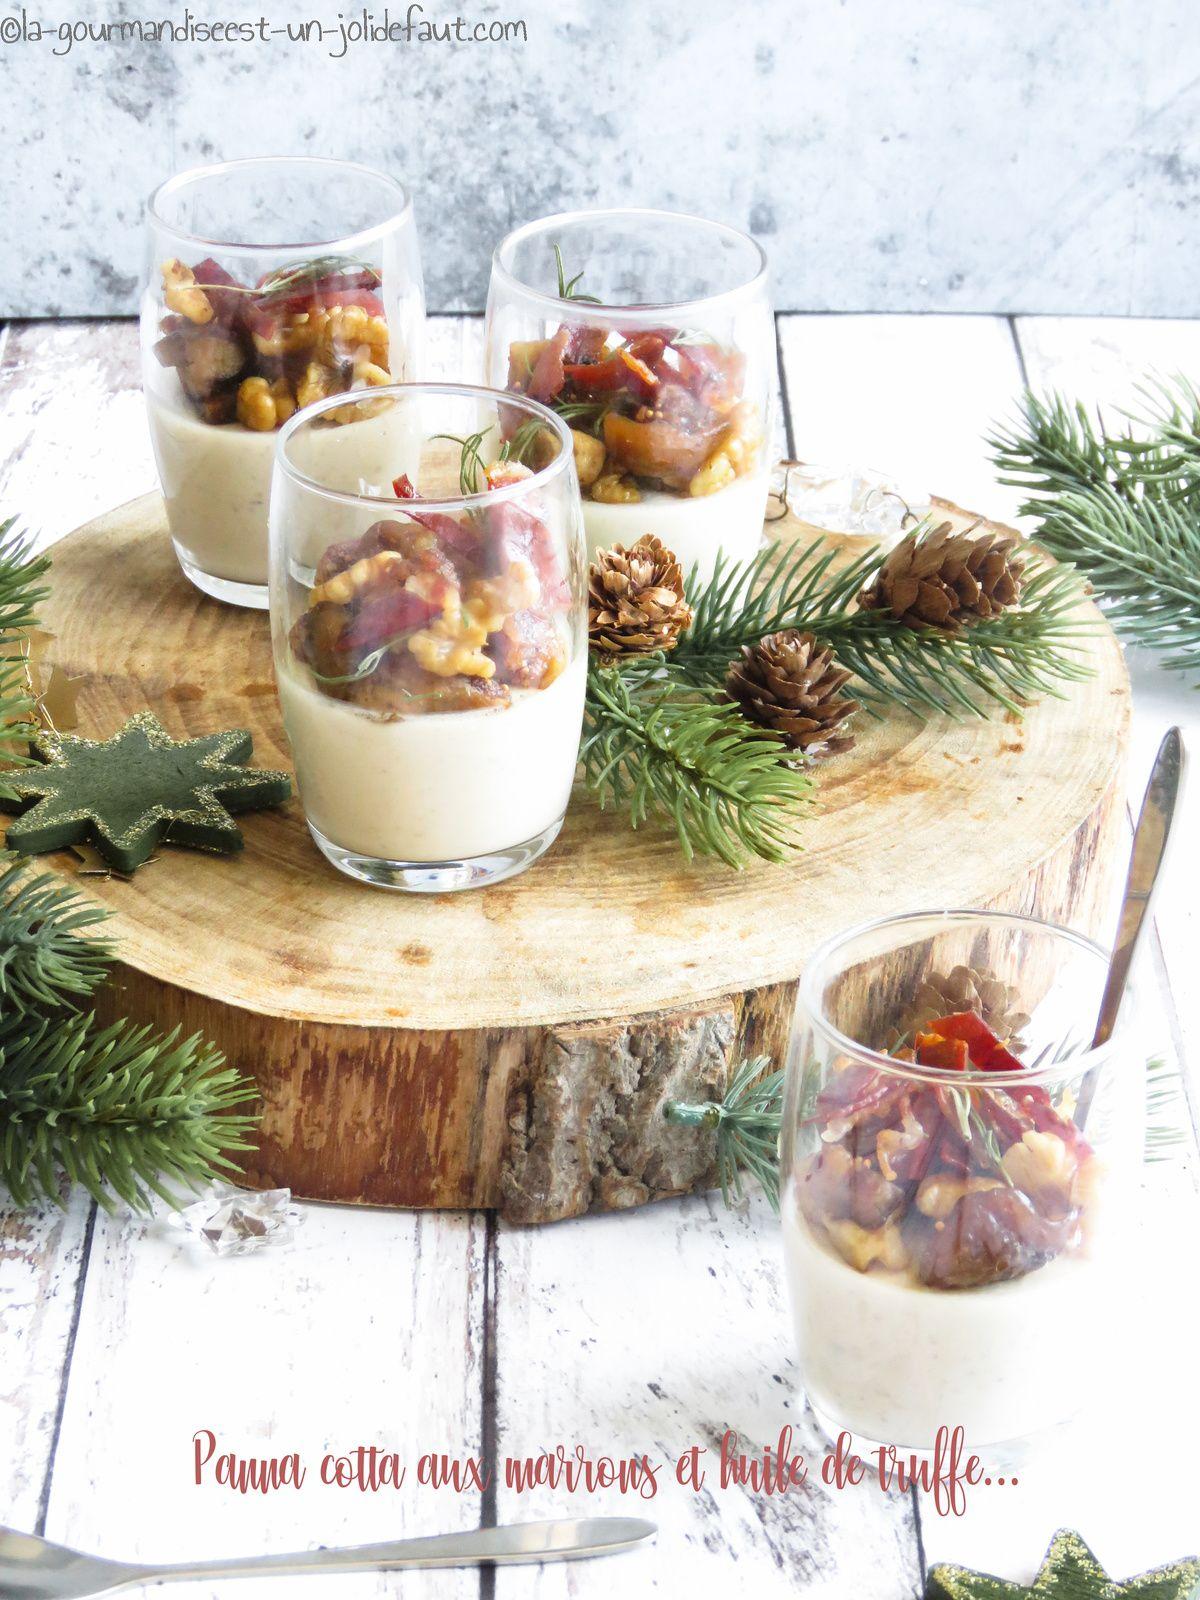 Panna cotta aux marrons à l'huile de truffe